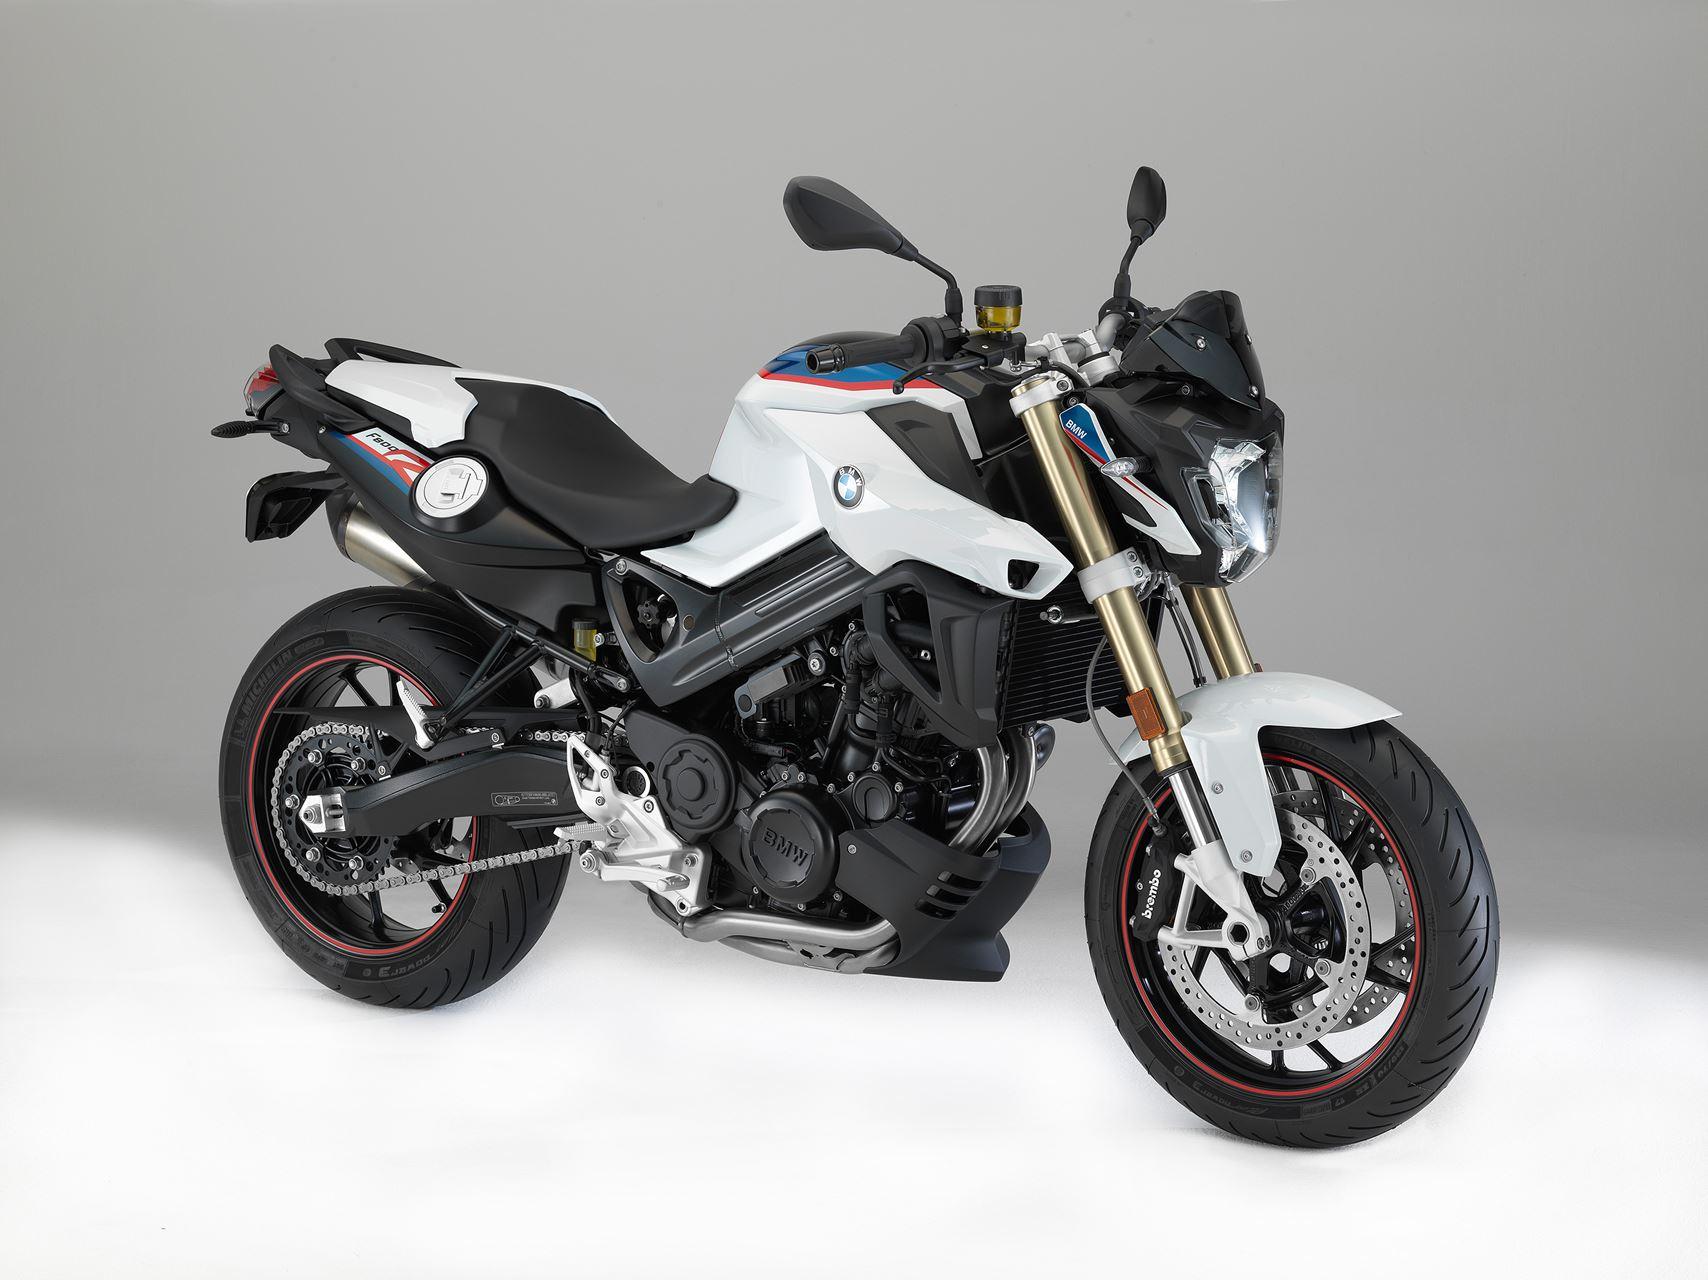 bmw f 800 r moto roadster andar de moto. Black Bedroom Furniture Sets. Home Design Ideas